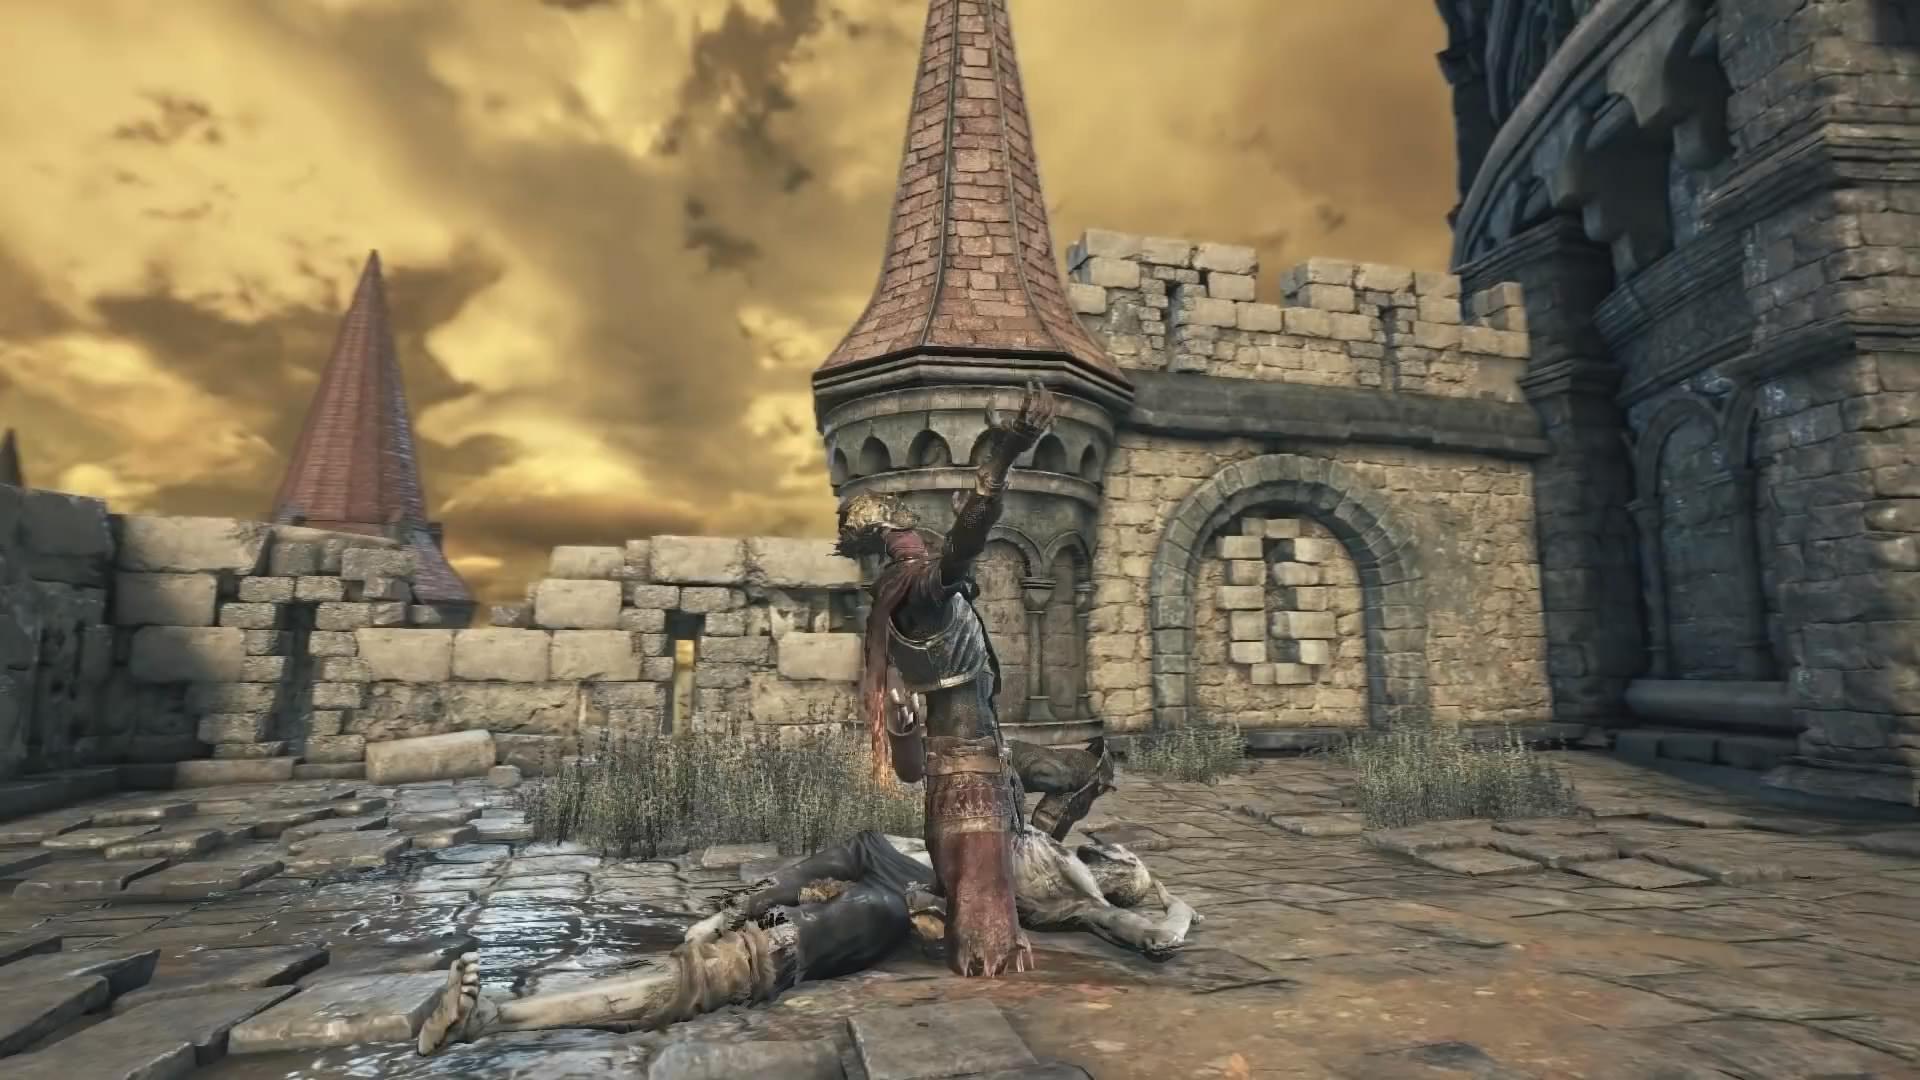 玩家发现《黑暗之魂3》删减内容 插剑献祭可建立篝火